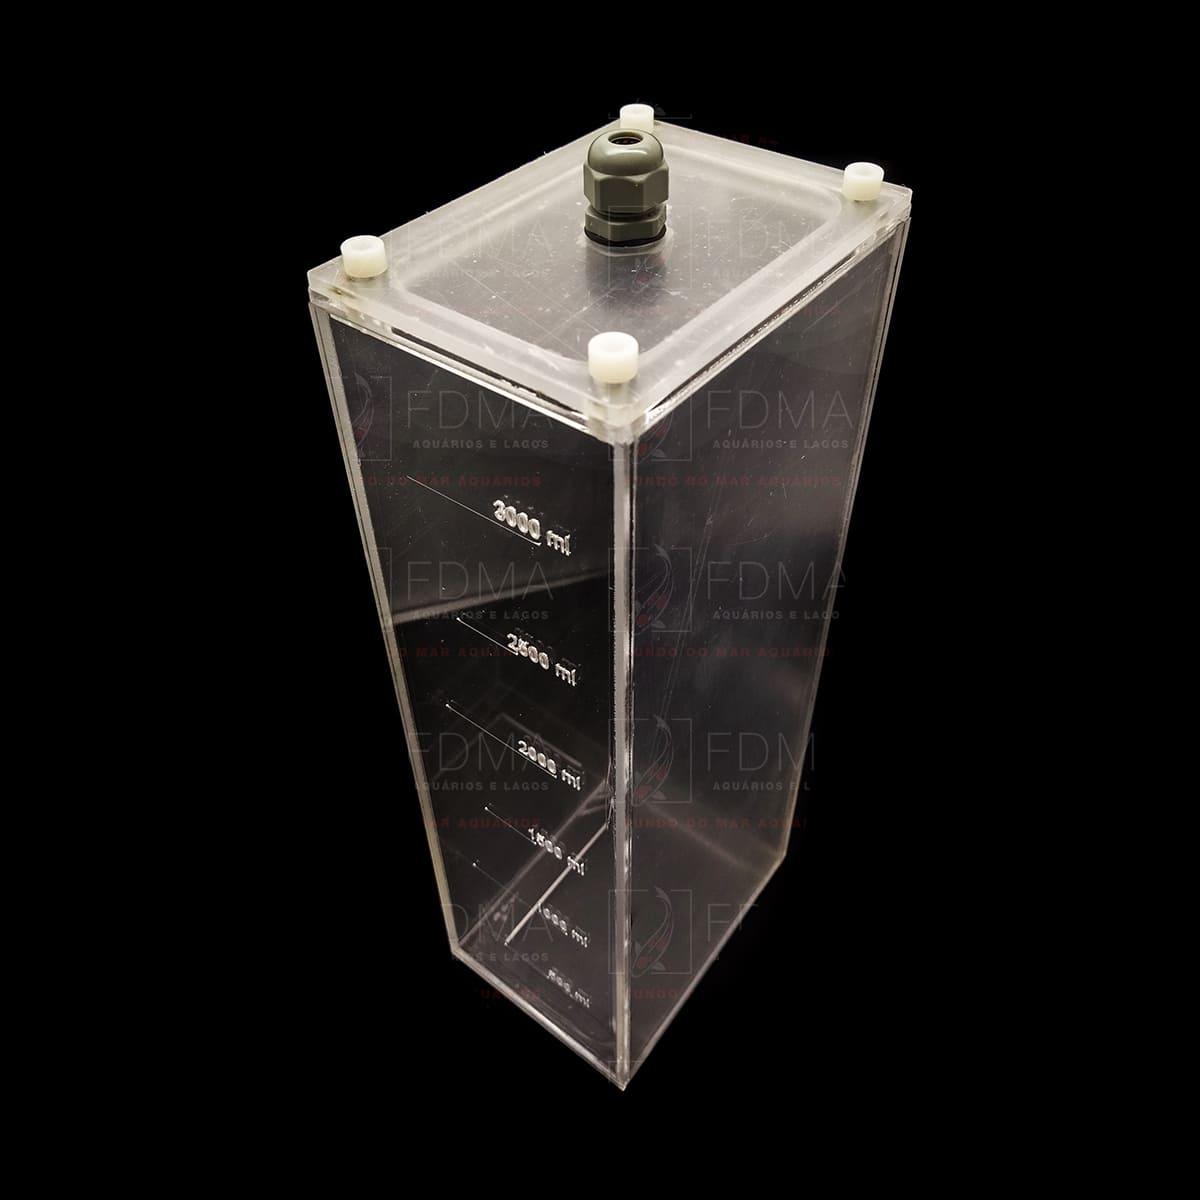 Reservatório para Soluções Balling 1 Seção - 3 Litros RRJ